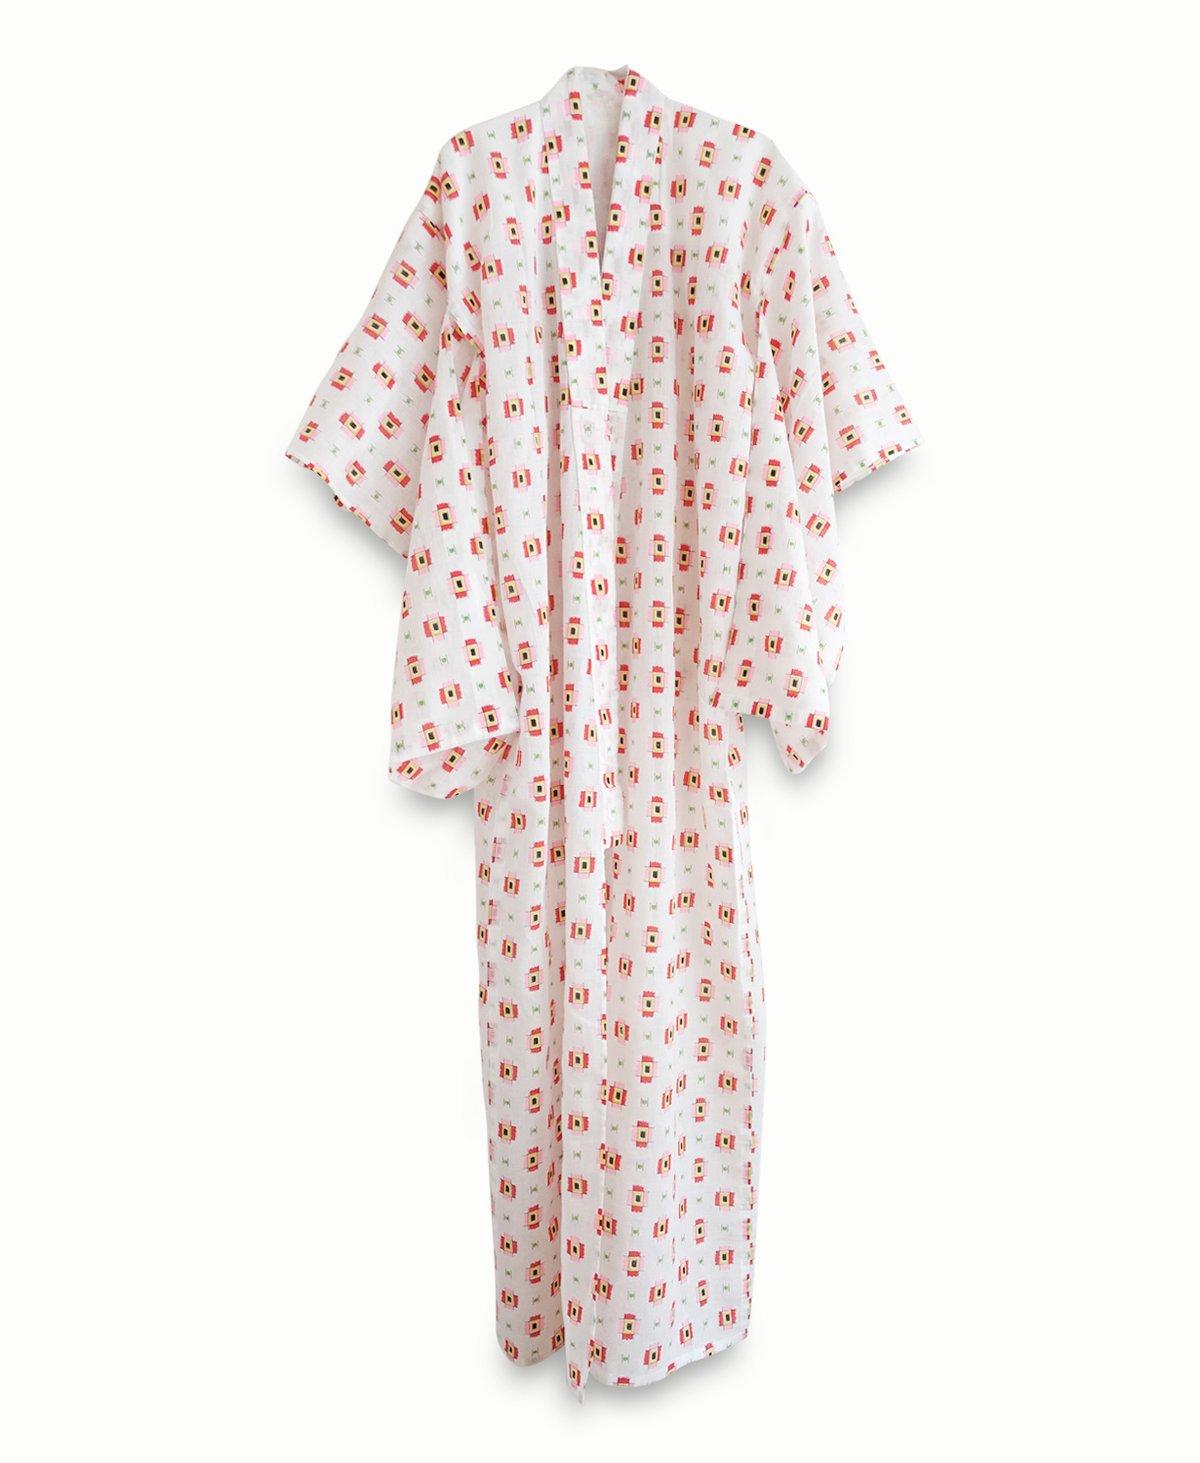 Image of Hvid kimono med tegnede motiver